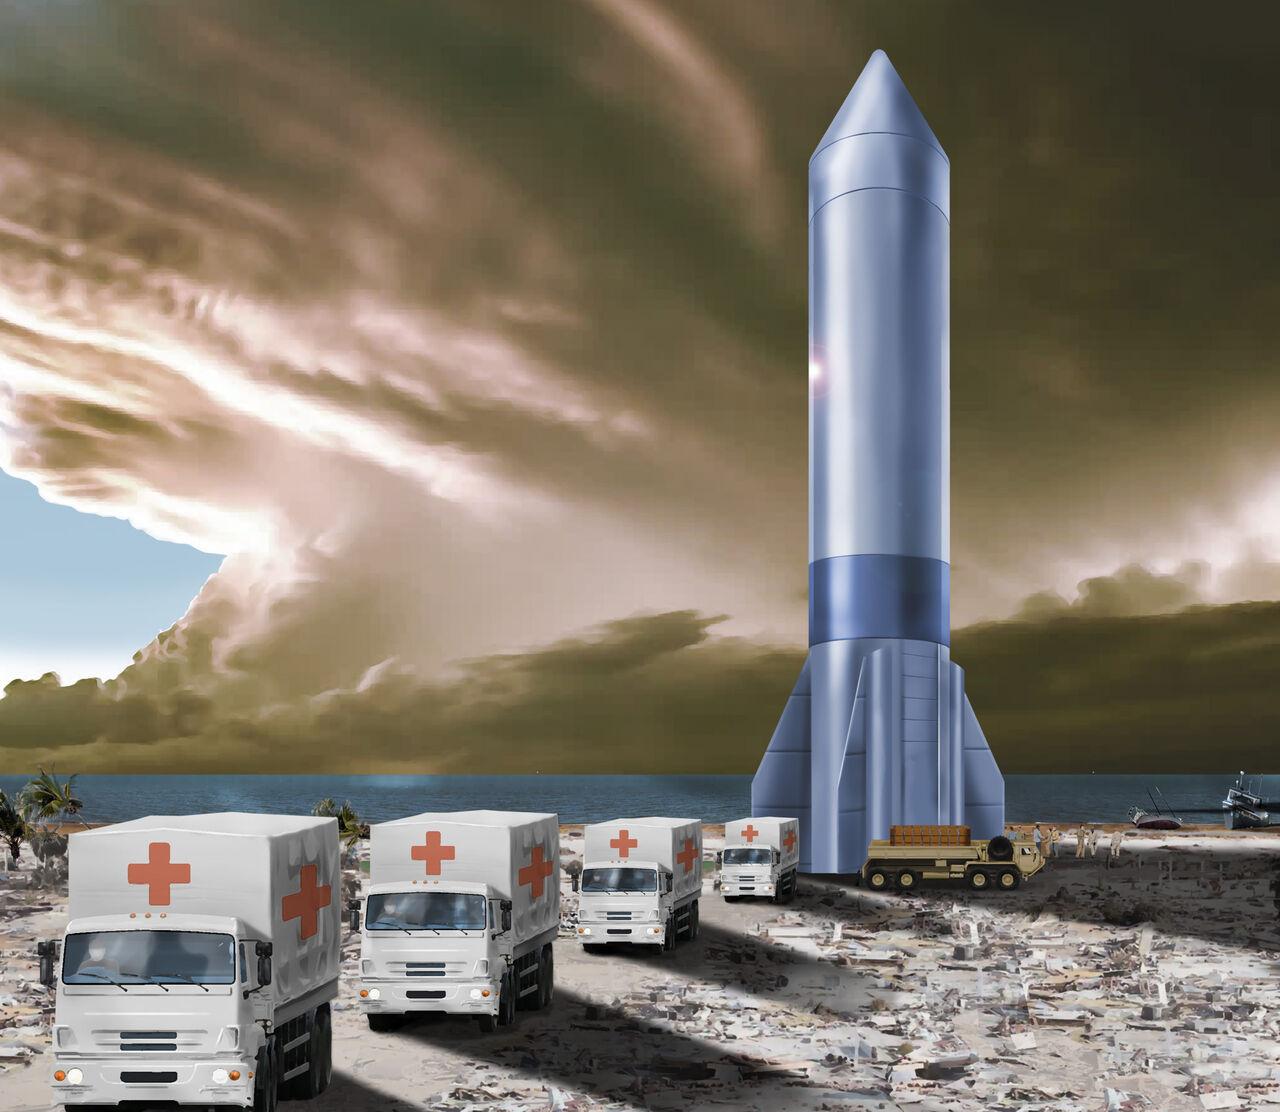 ارسال مهمات جنگی با کمک موشکهای فضایی